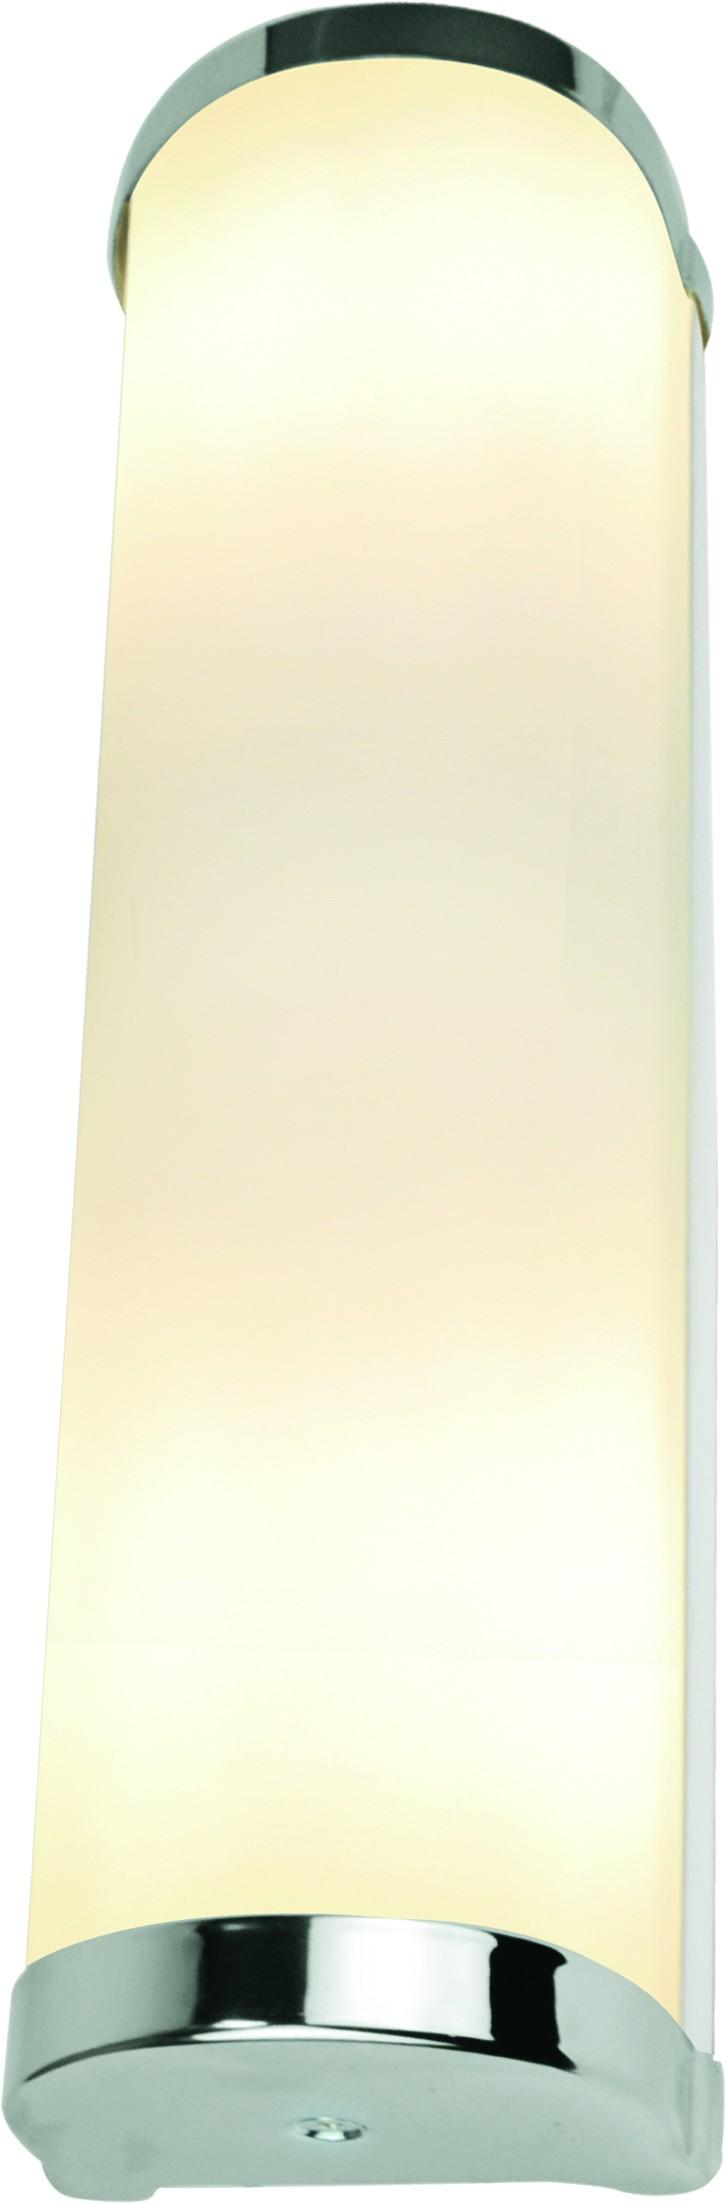 Светильник настенный Arte lamp A5210ap-2cc arte lamp настенный светильник arte lamp lines a3620pl 2cc